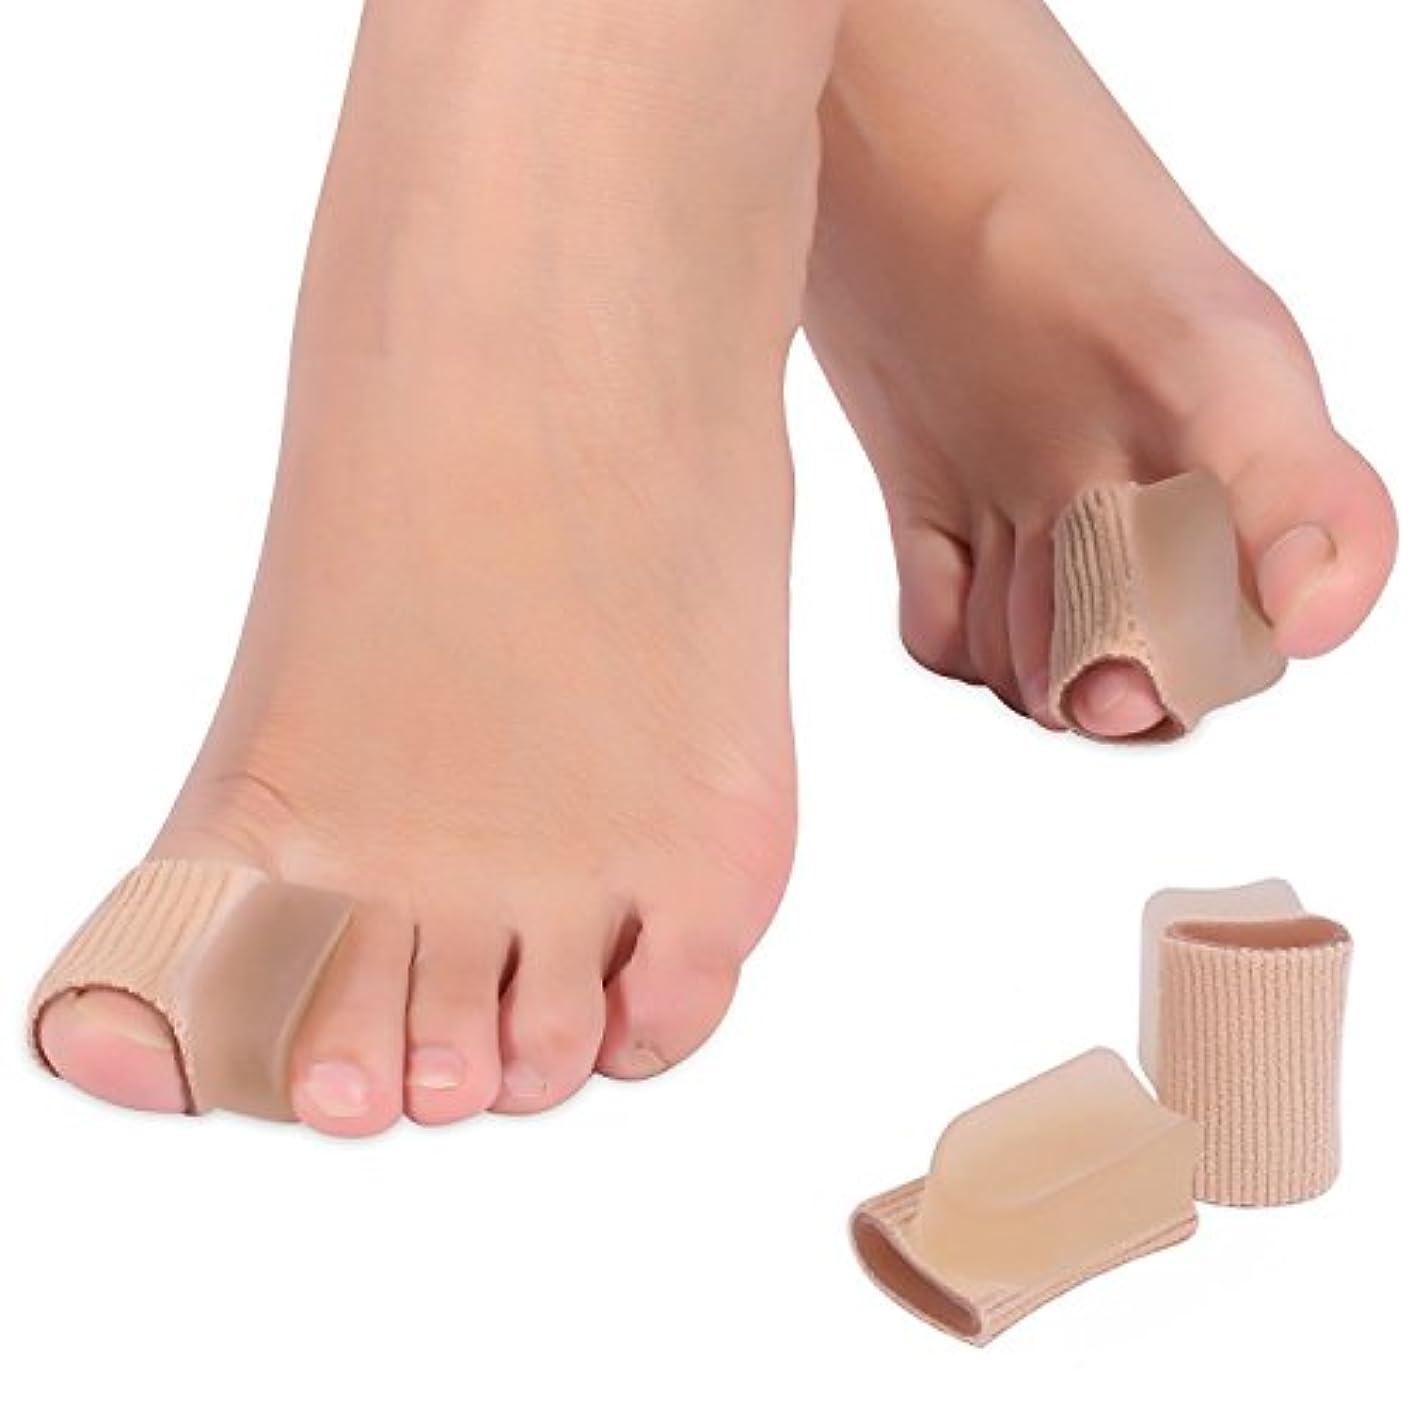 我慢する新着拷問親指ジェルパッド 足指分離パッド 足指スペーサー 足指矯正 ソフトなジェル製 伸縮 柔軟 足指保護 親指ケア 肌色「4個セット」